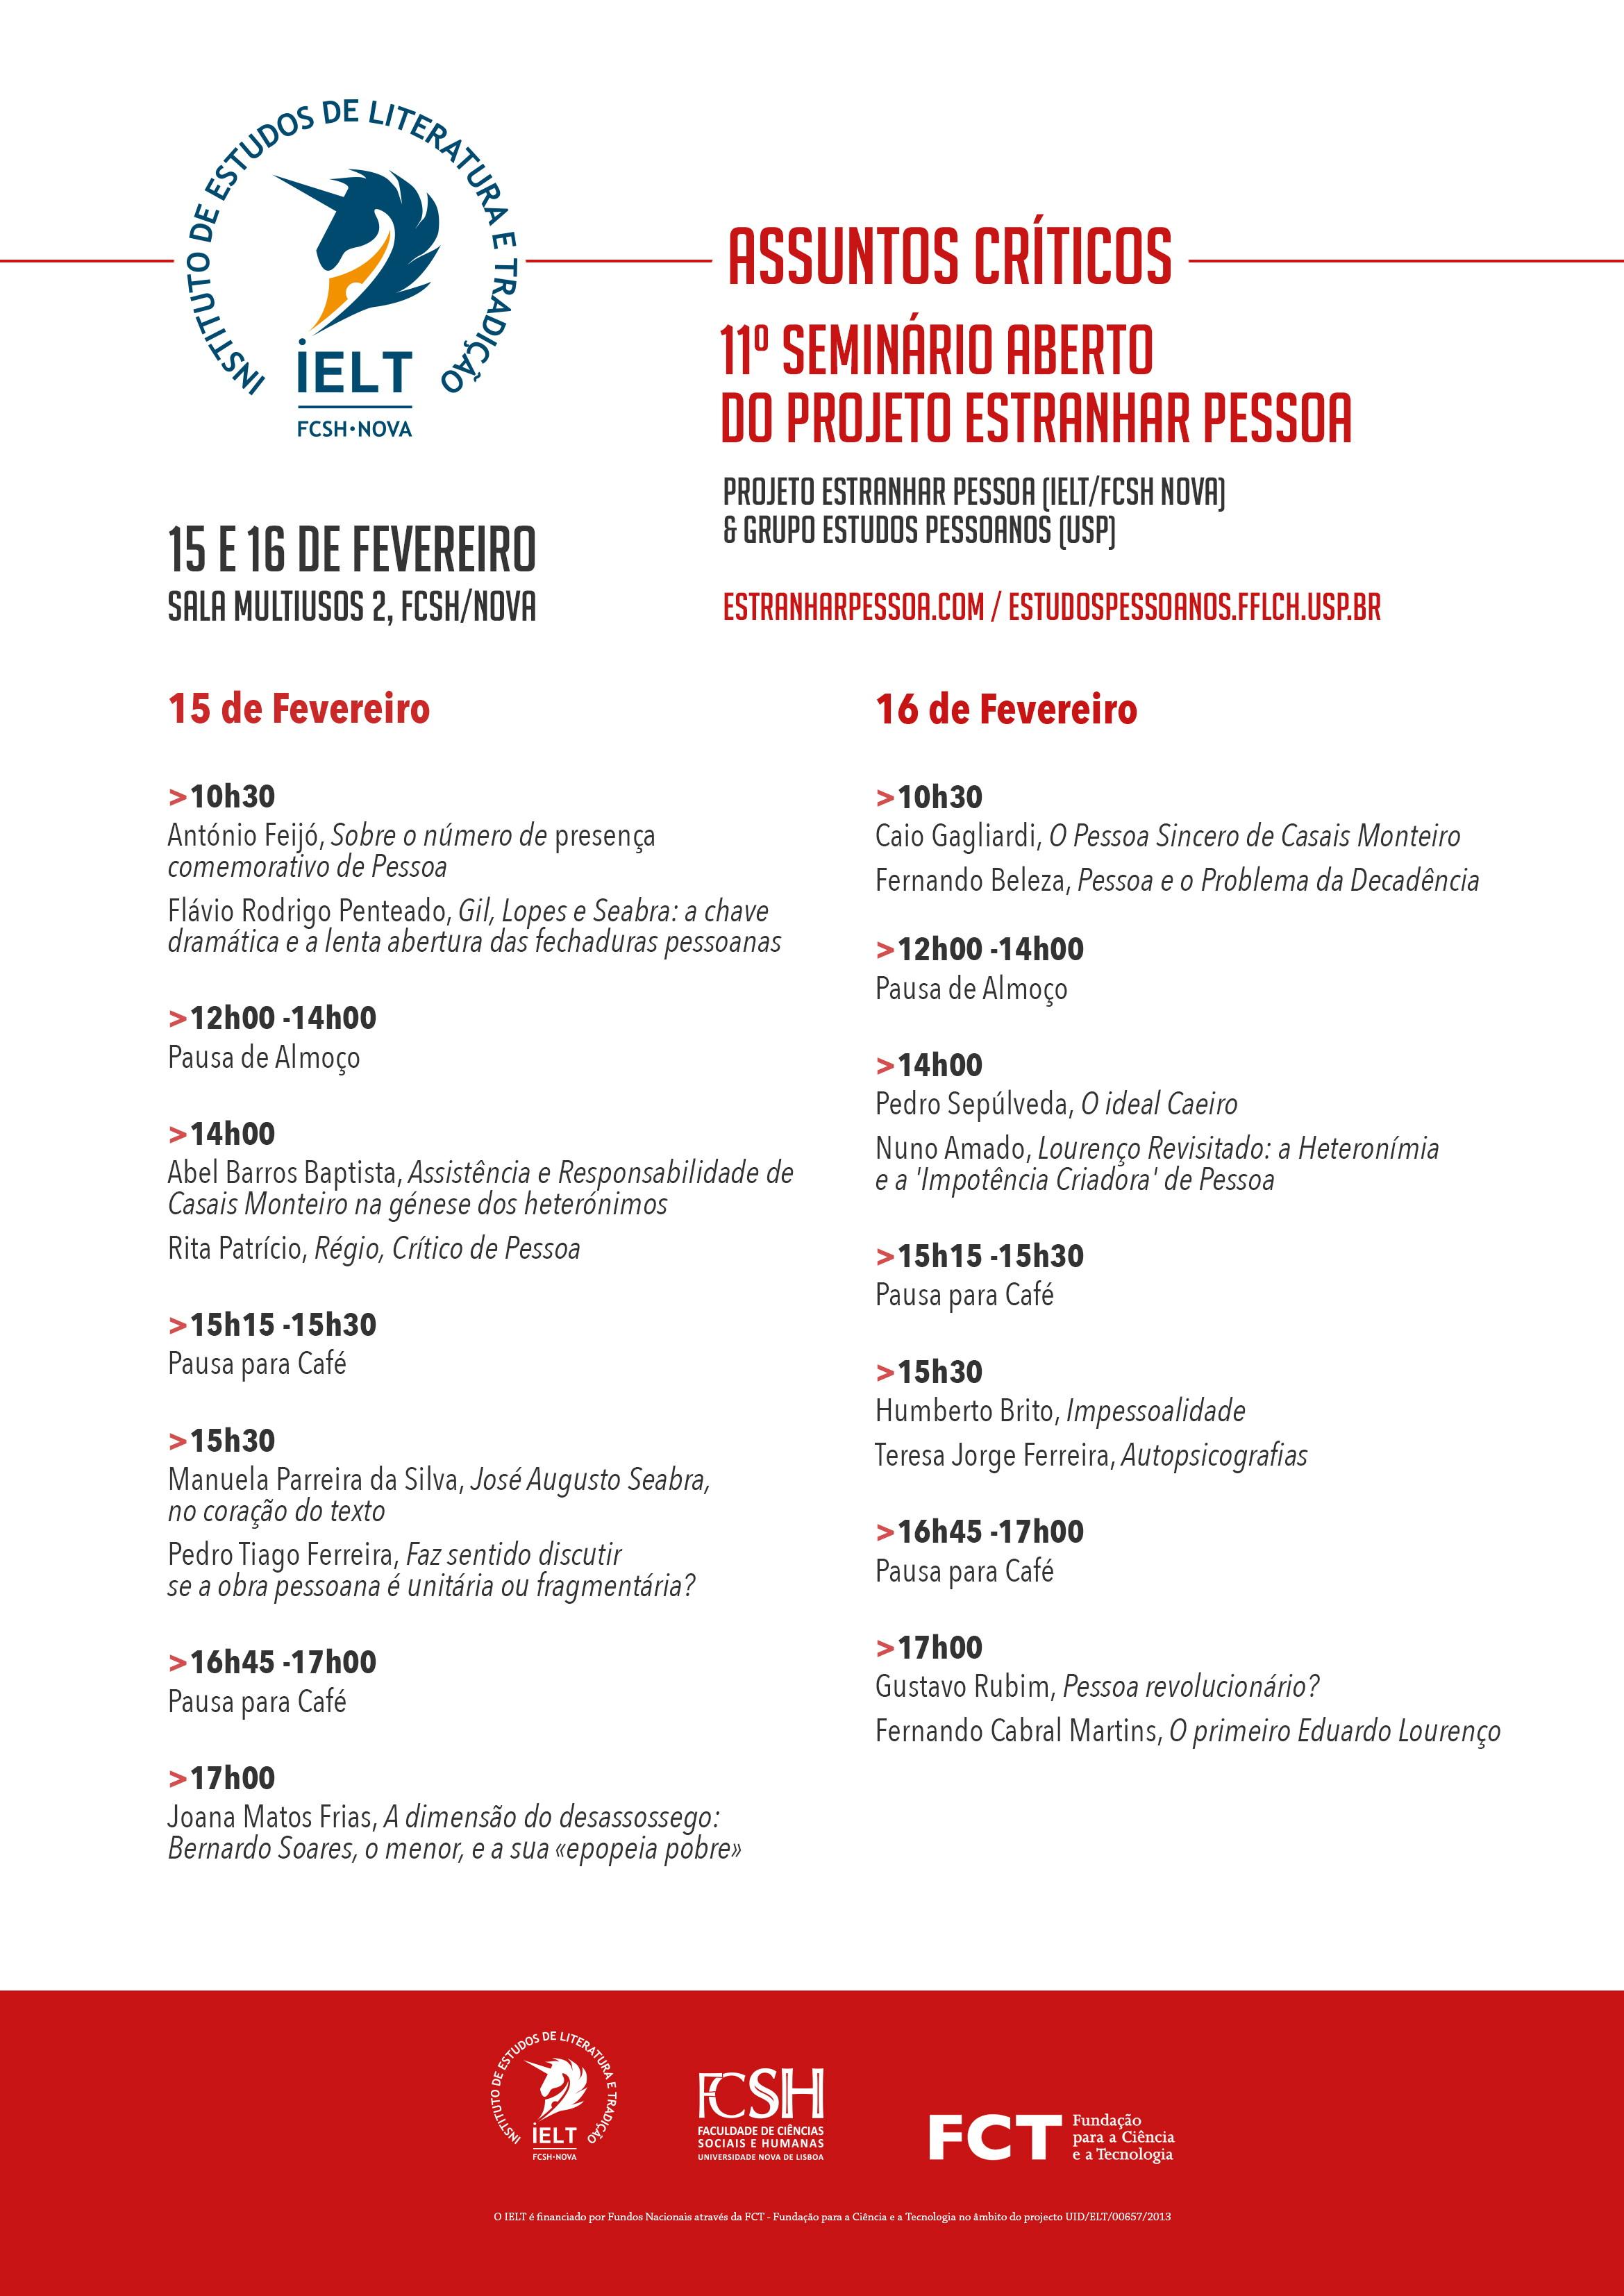 ASSUNTOS CRÍTICOS: Seminário Aberto Estranhar Pessoa, 15/16 Fev, FCSH